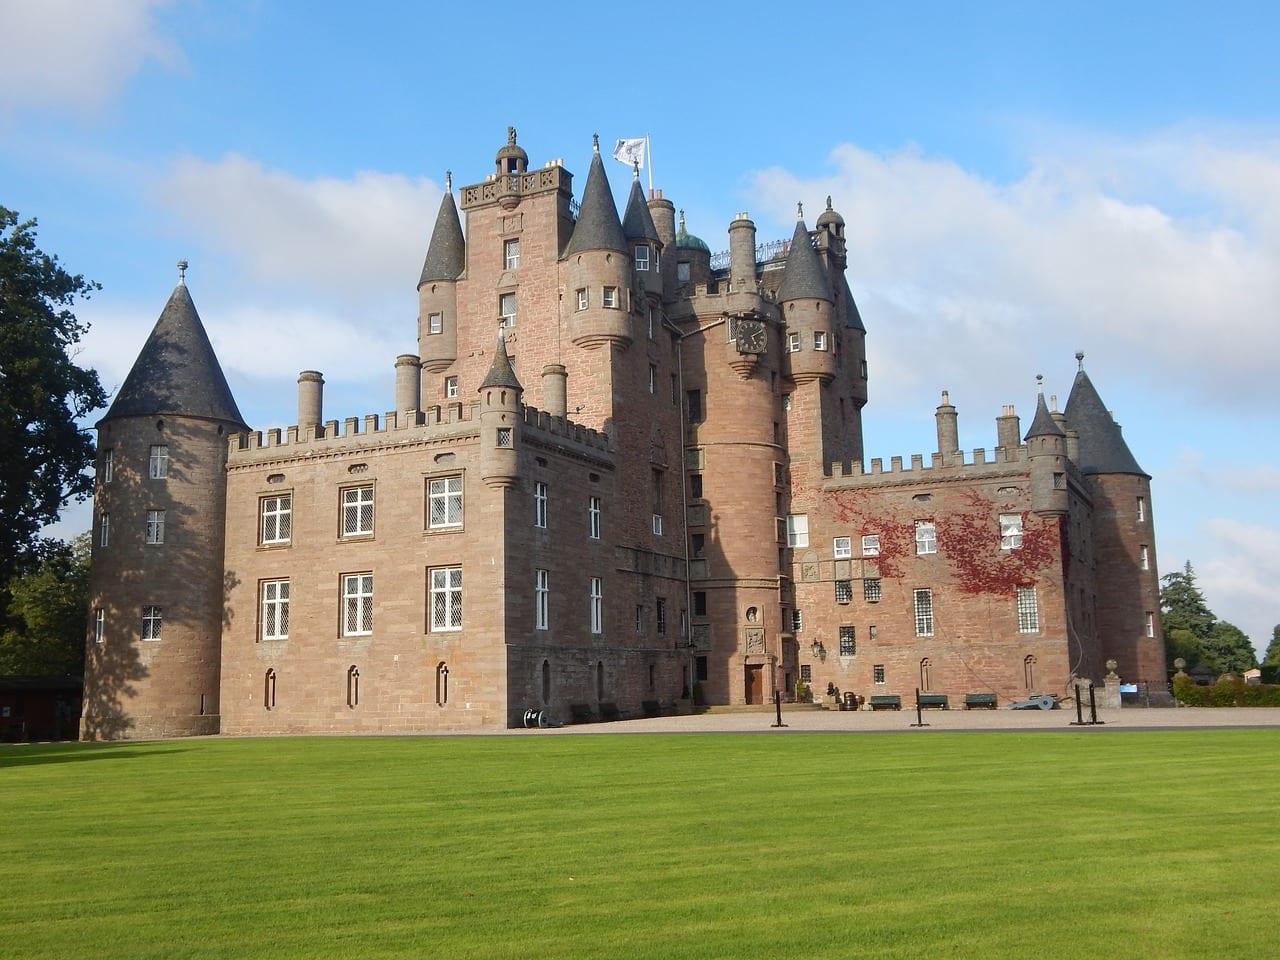 Historia del castillo de Glamis